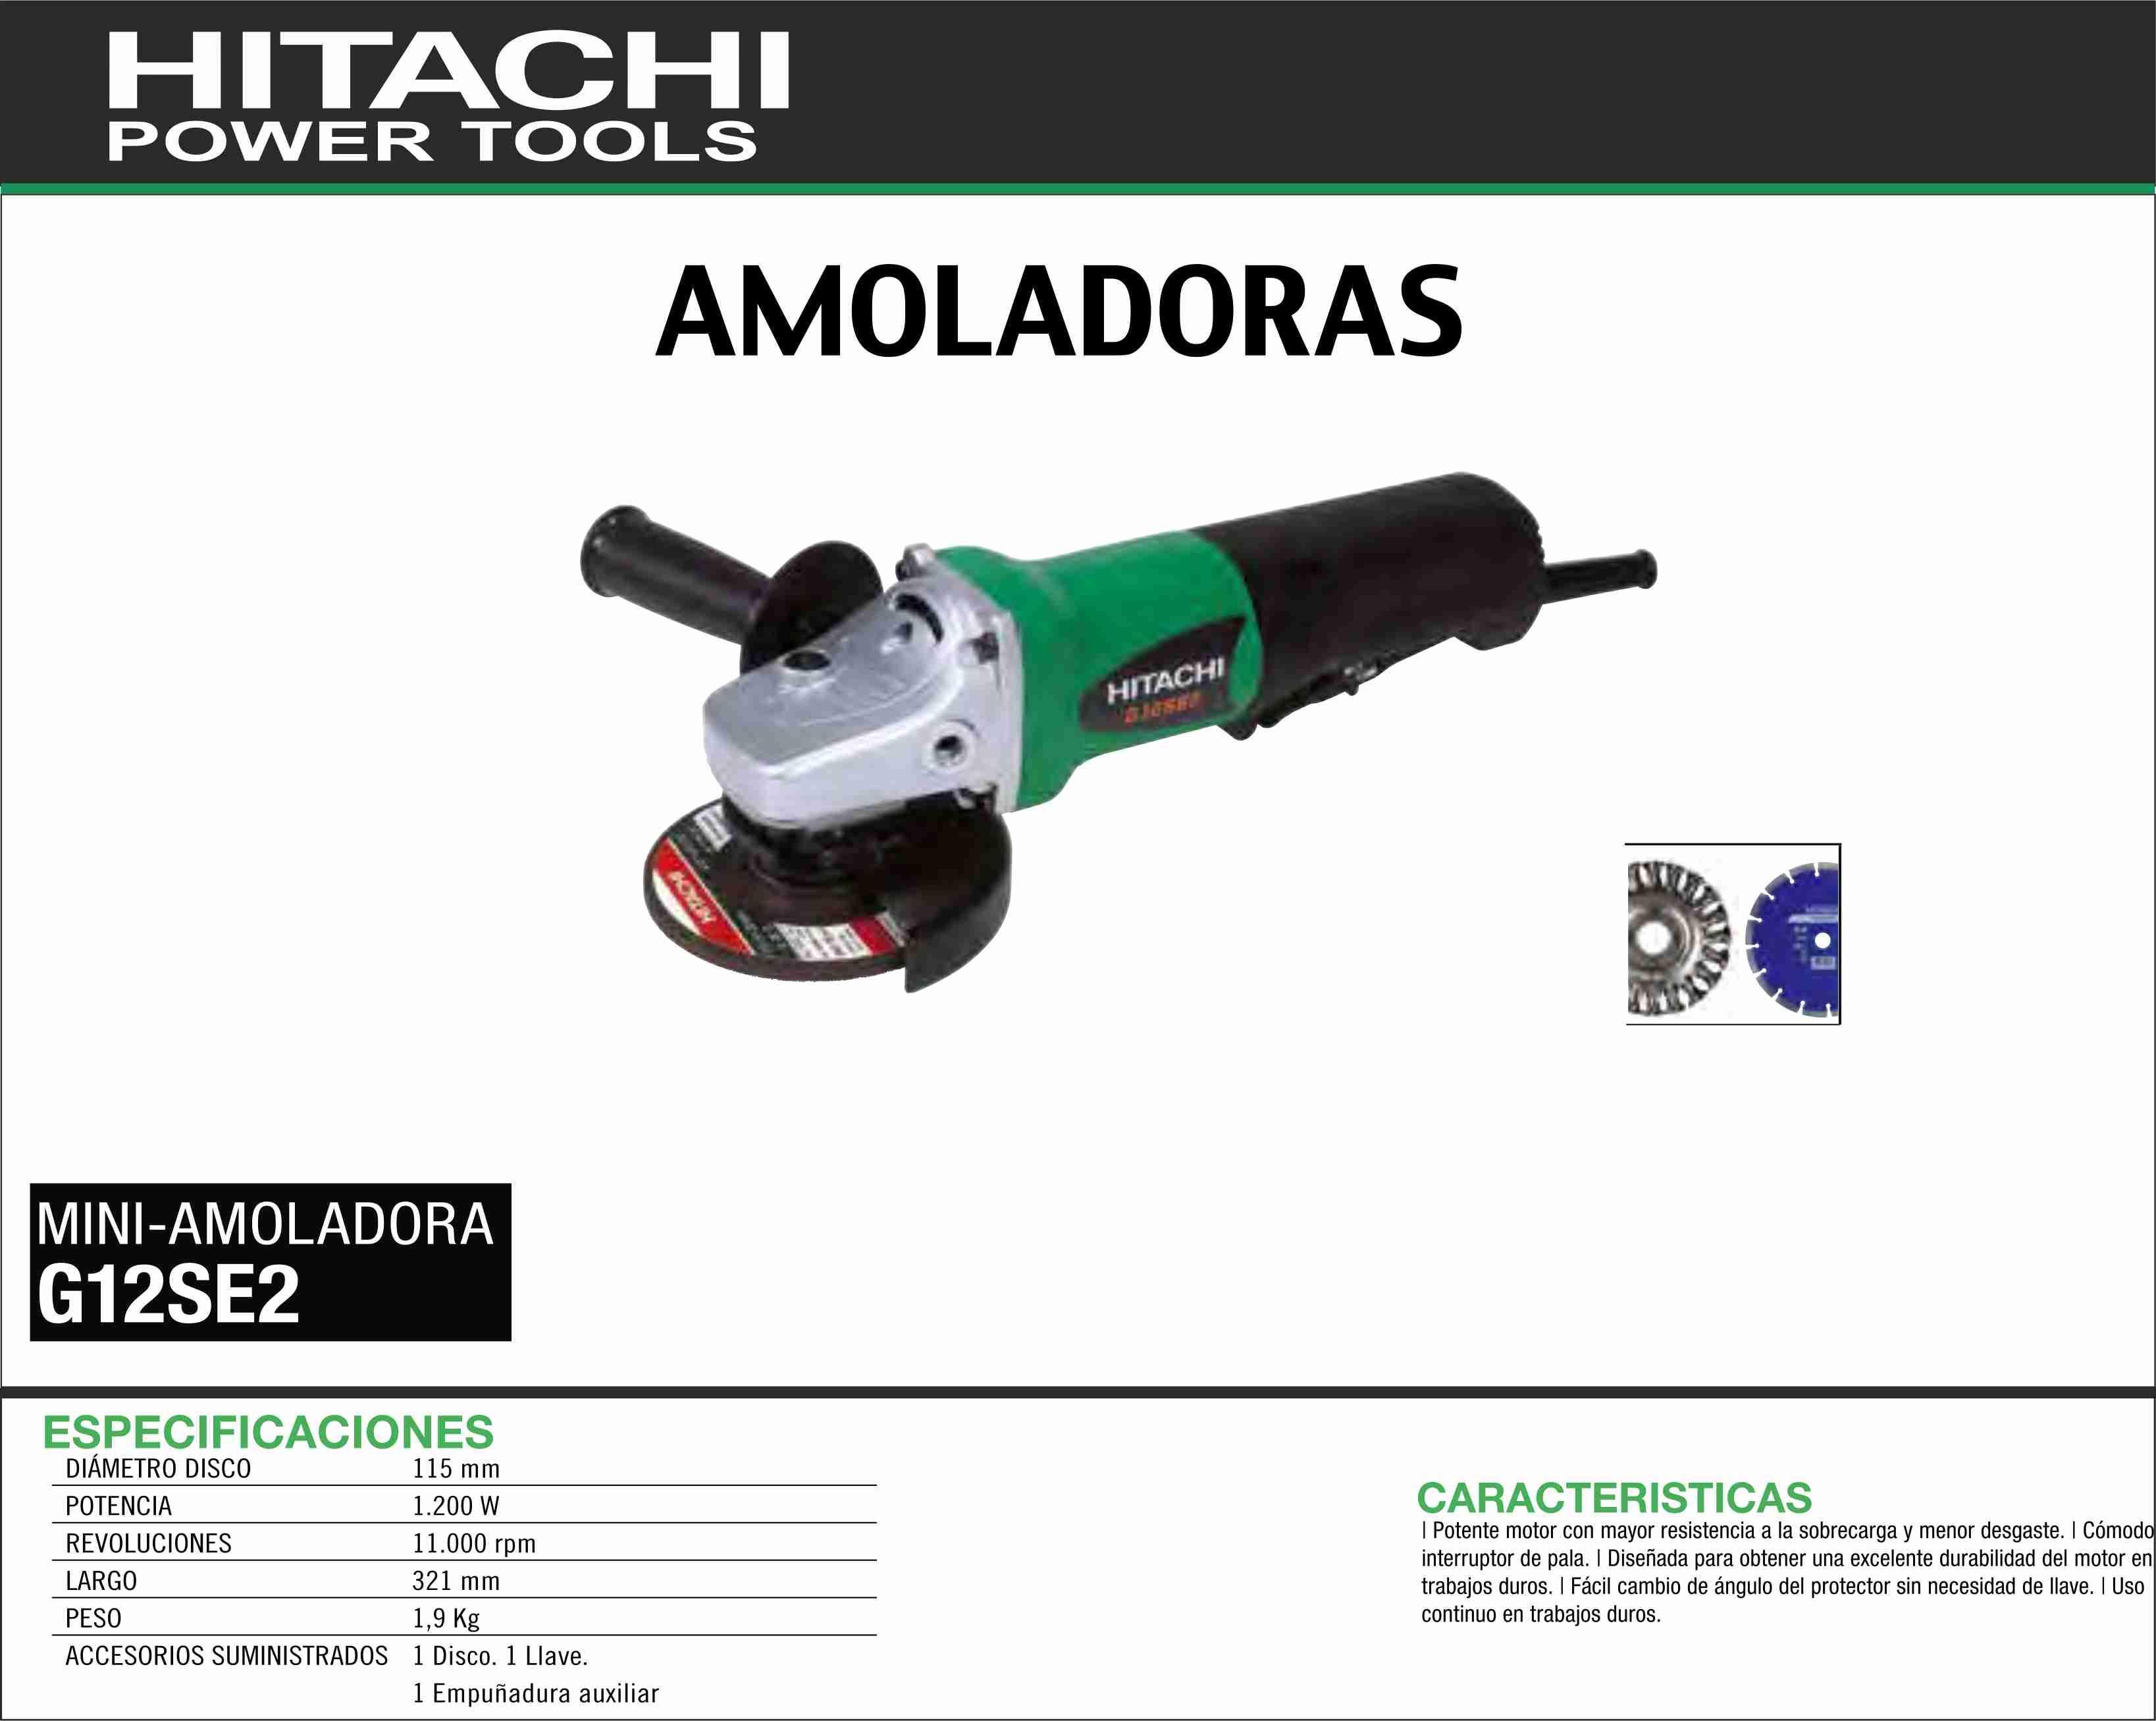 hitachi g12se2. hitachi-maquinaria-amoladora-mini-g12se2 hitachi g12se2